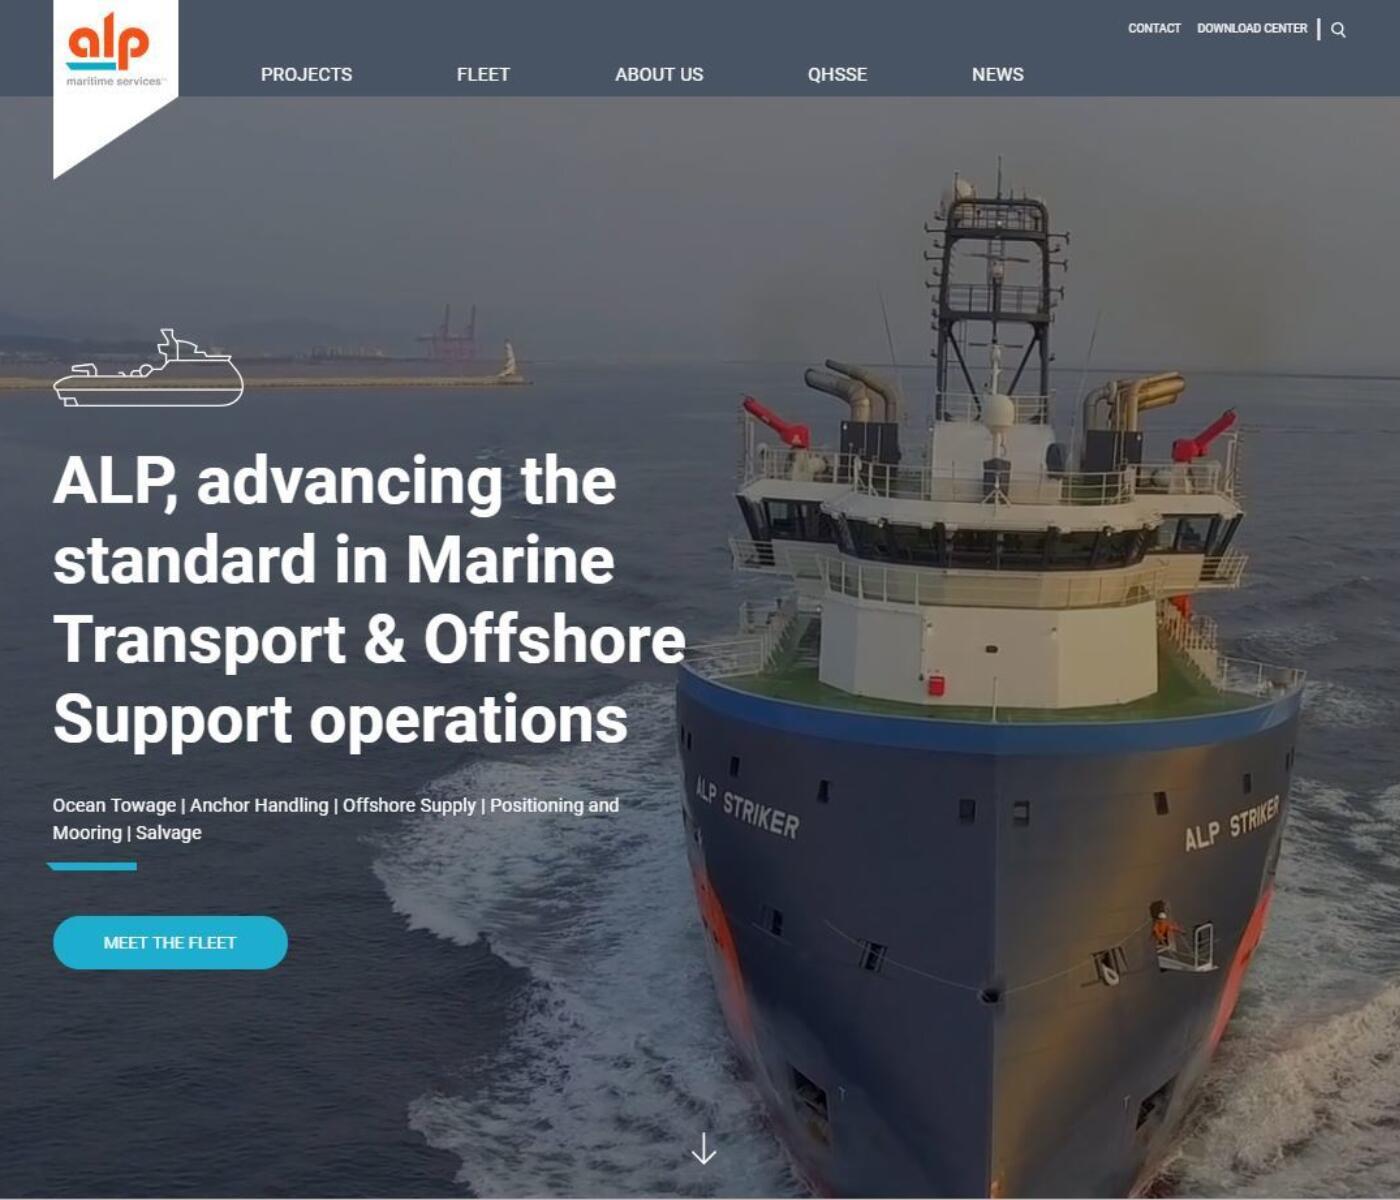 ALP-Maritime-2019-website-launch.JPG